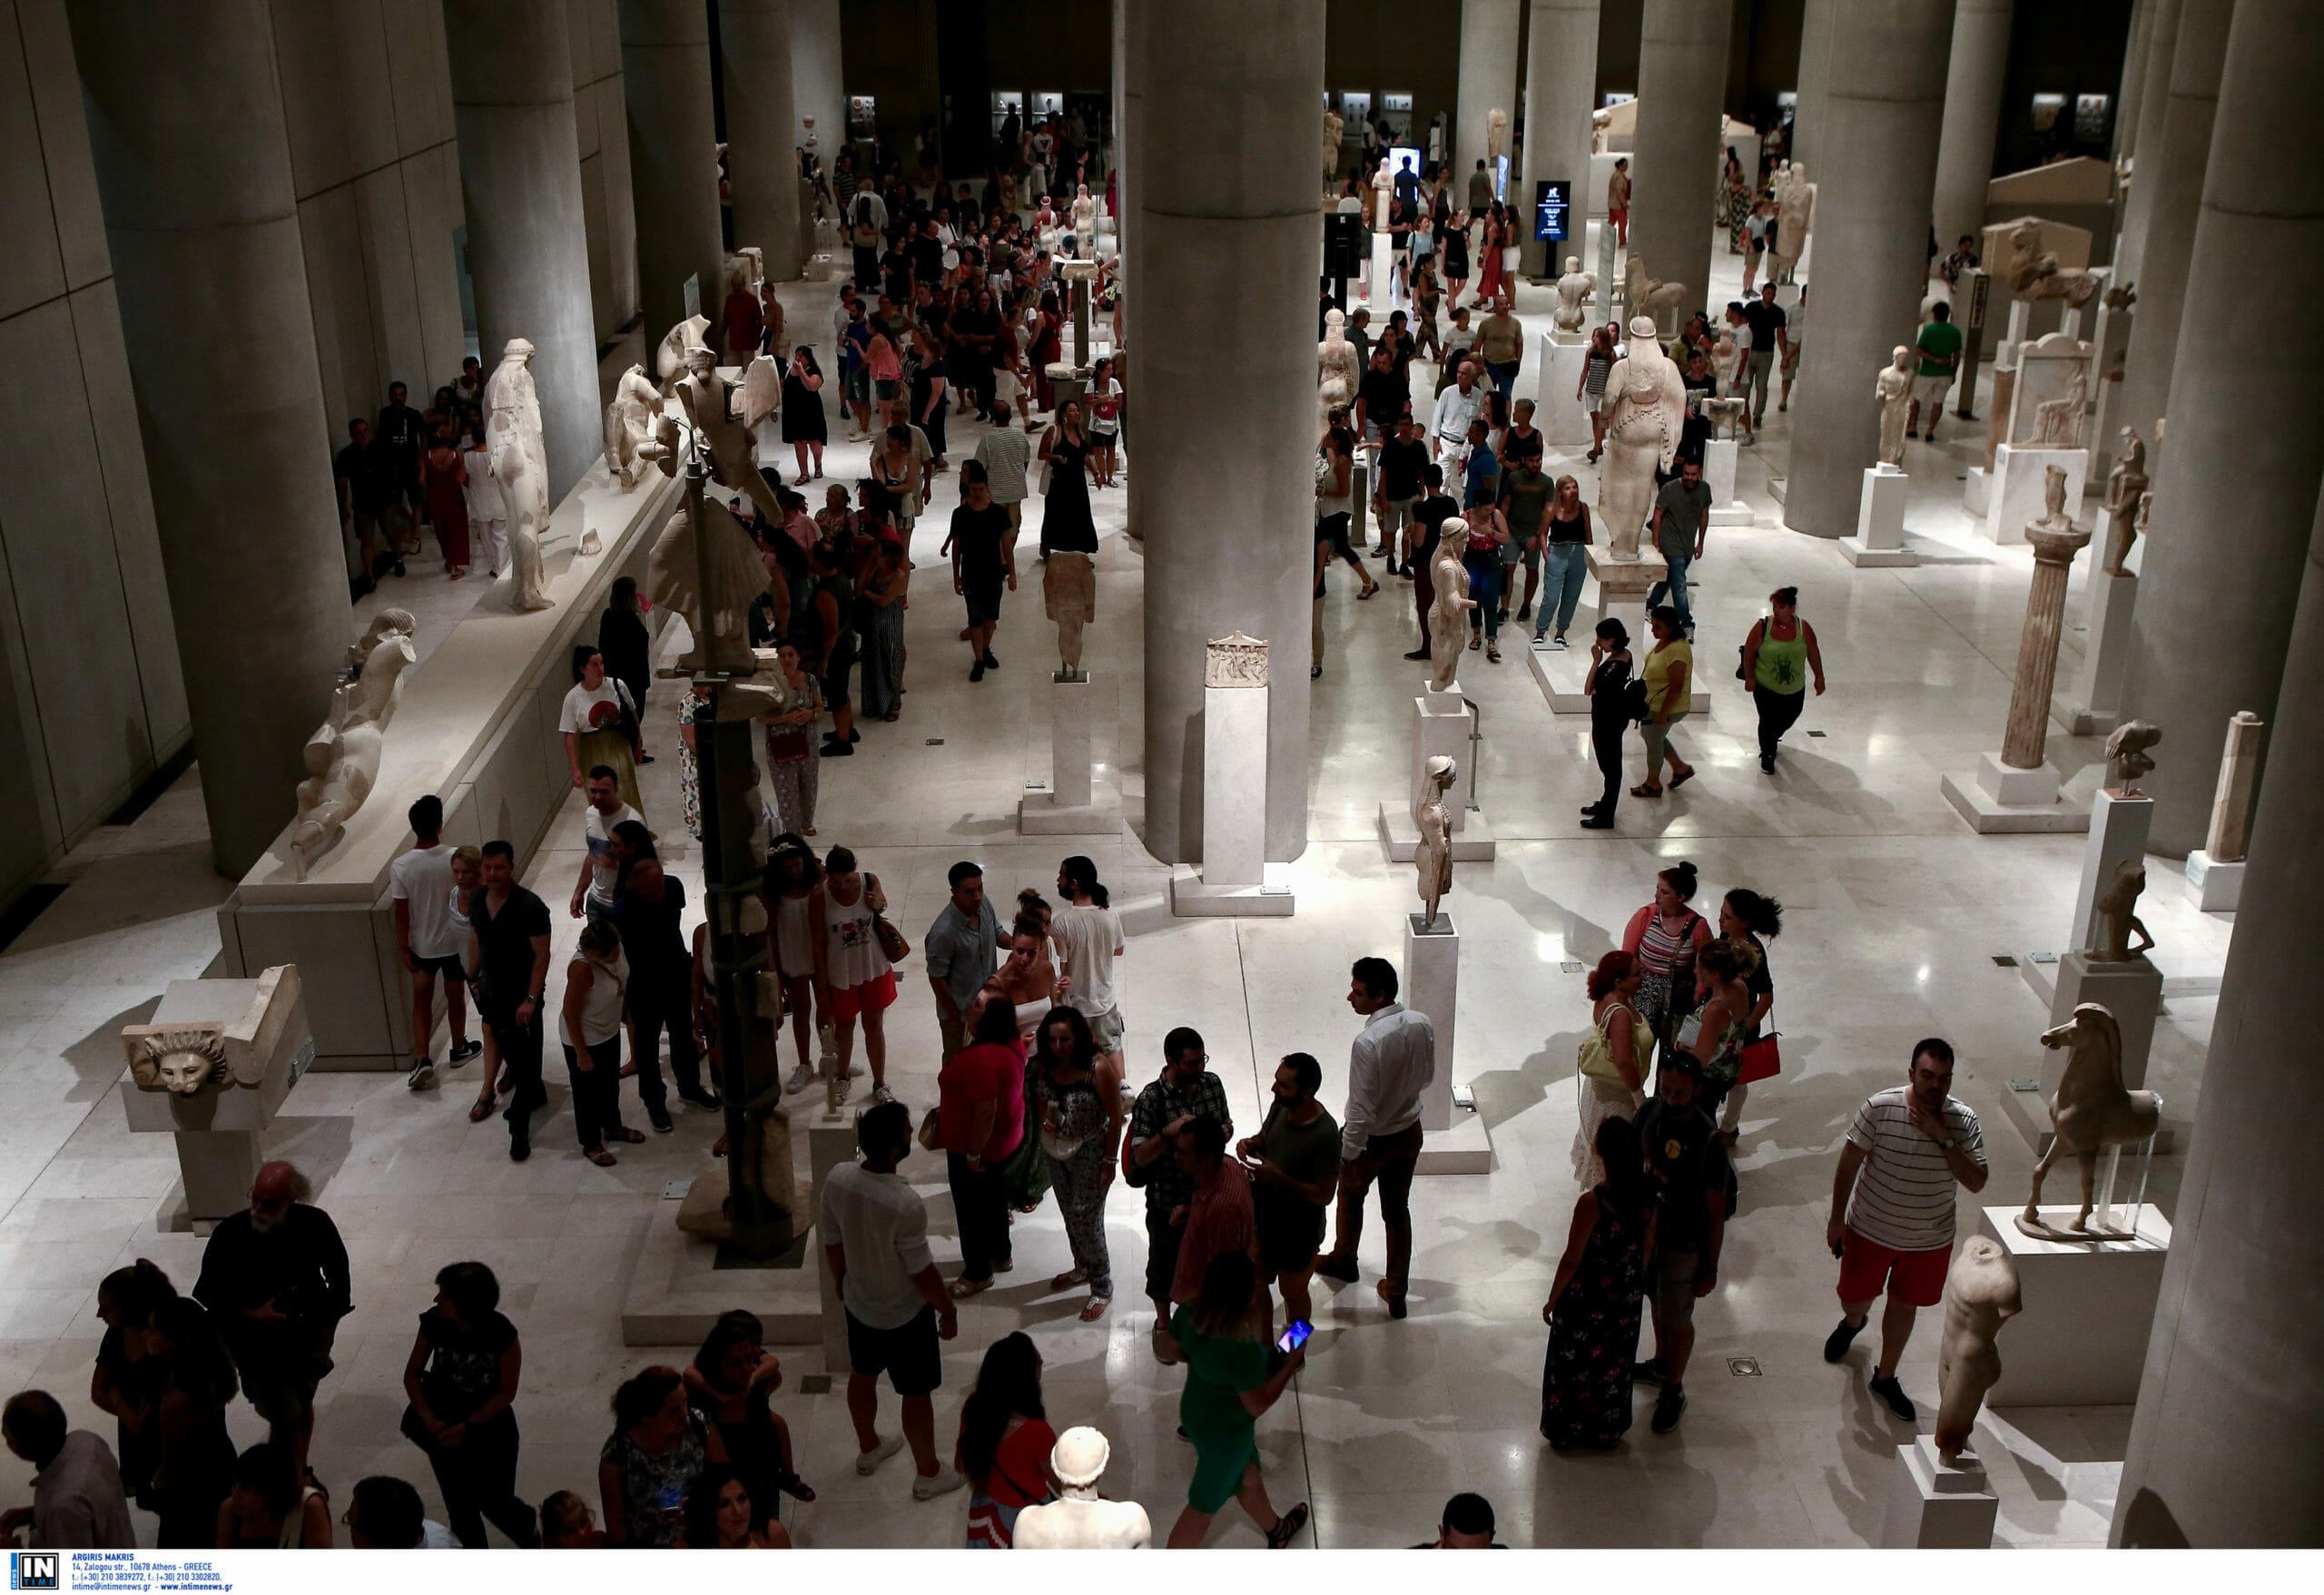 Μείωση 2,2% στις επισκέψεις στα μουσεία της Ελλάδας τον Οκτώβριο του 2019